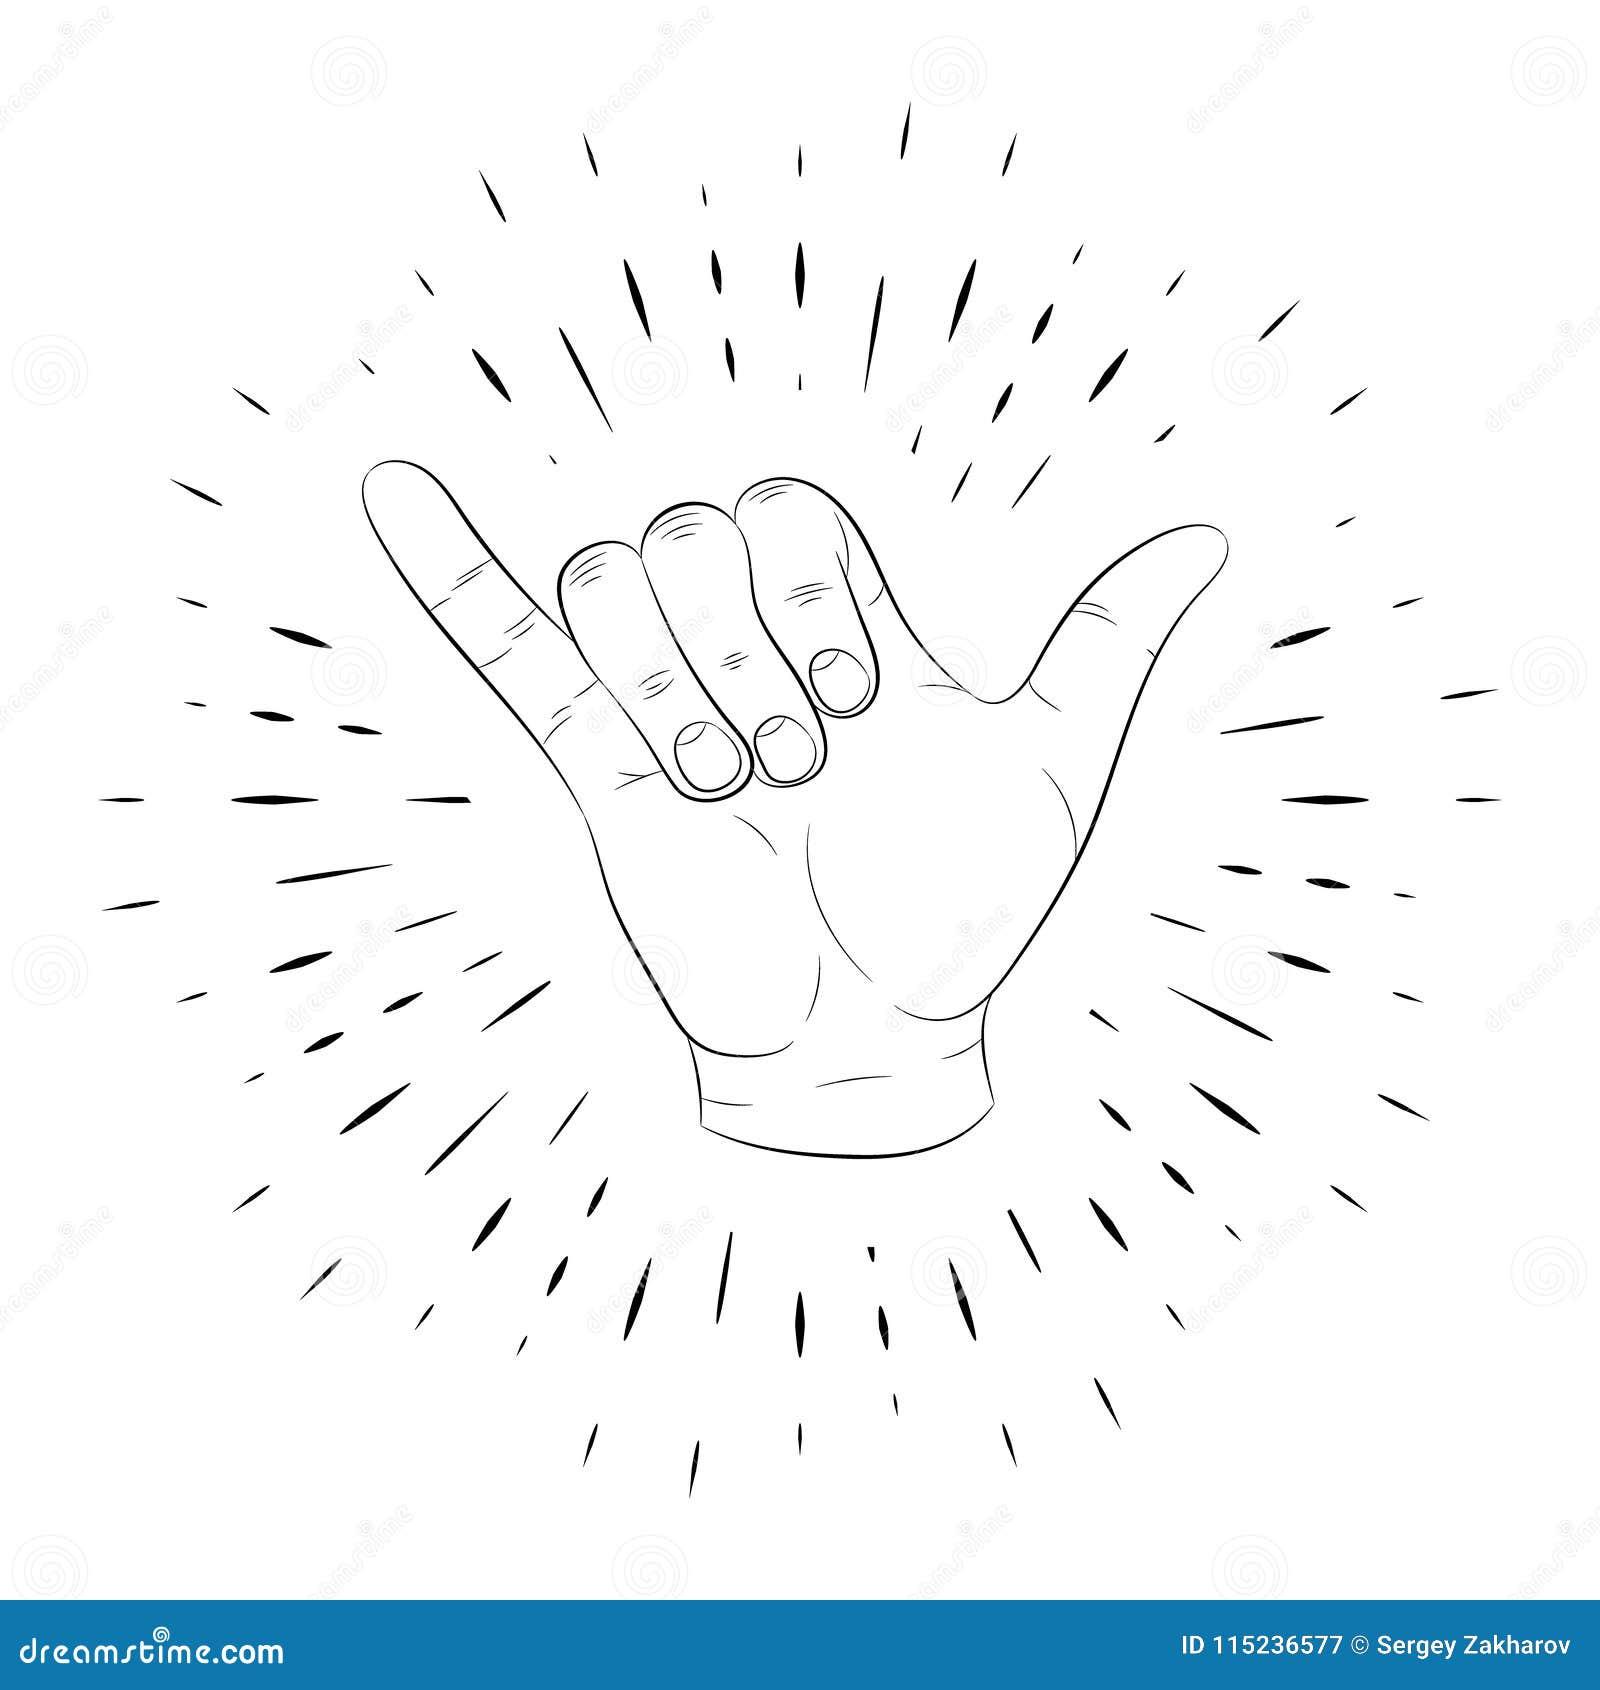 Handzeichen daumen kleiner finger